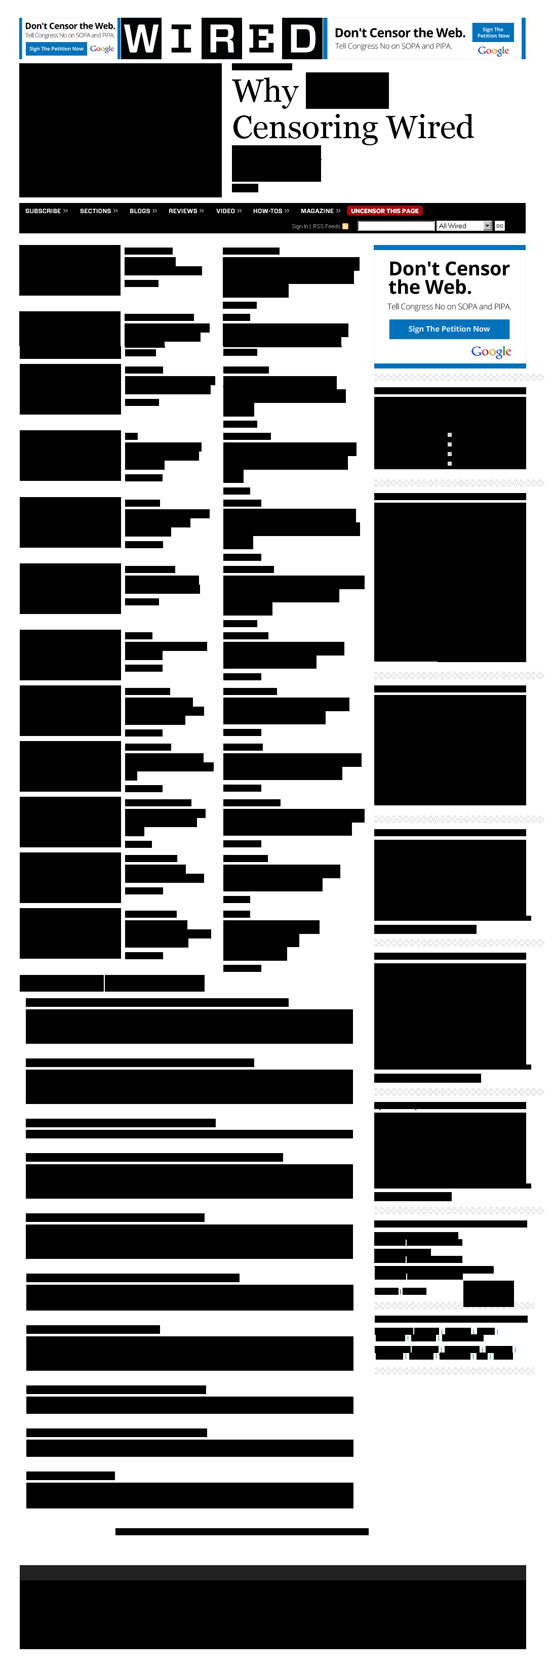 Blackout: Die Zeitschrift Wired hat sich selbst zensiert